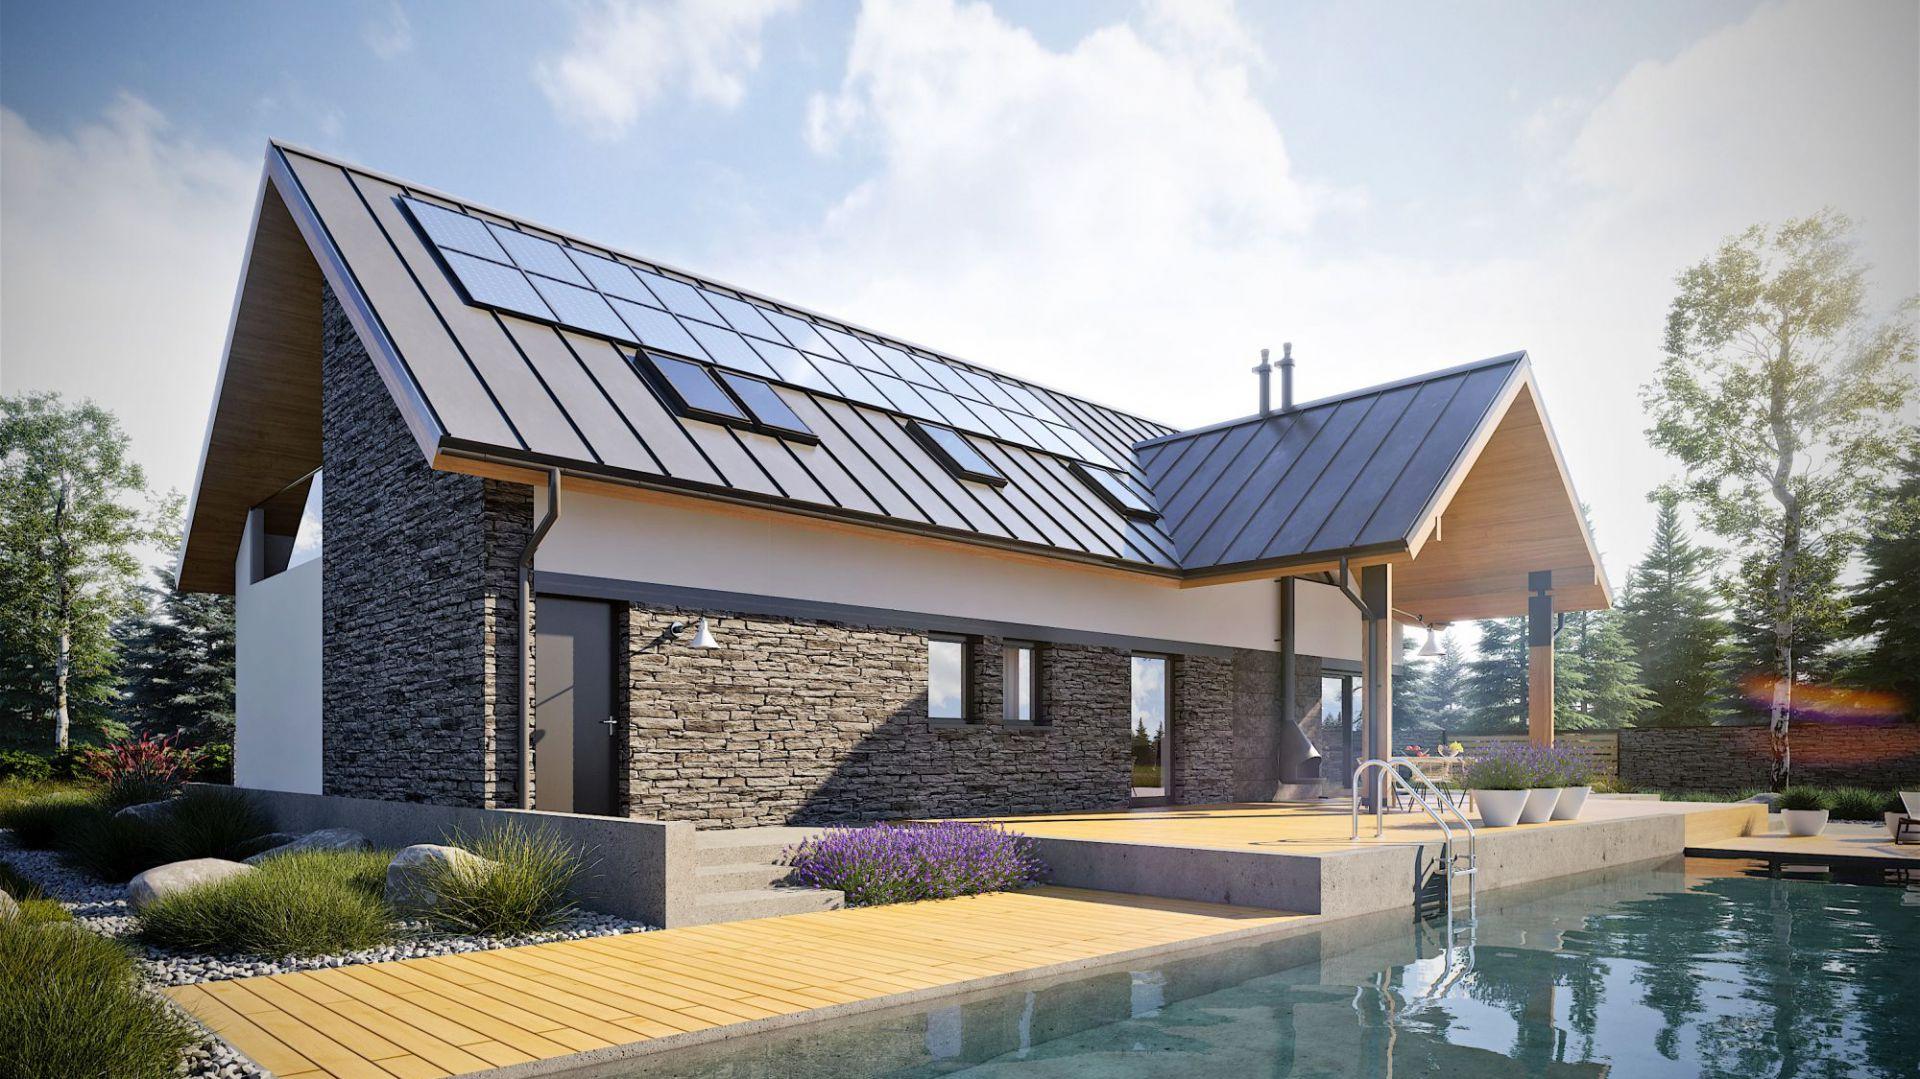 Kamień i drewno zdobiące fasadę budynku są niczym dotyk natury, integrujący dom z jego naturalnym otoczeniem. Dom Nikolas II G2 Energo Plus. Projekt: arch. Artur Wójciak. Fot. Pracownia Projektowa Archipelag